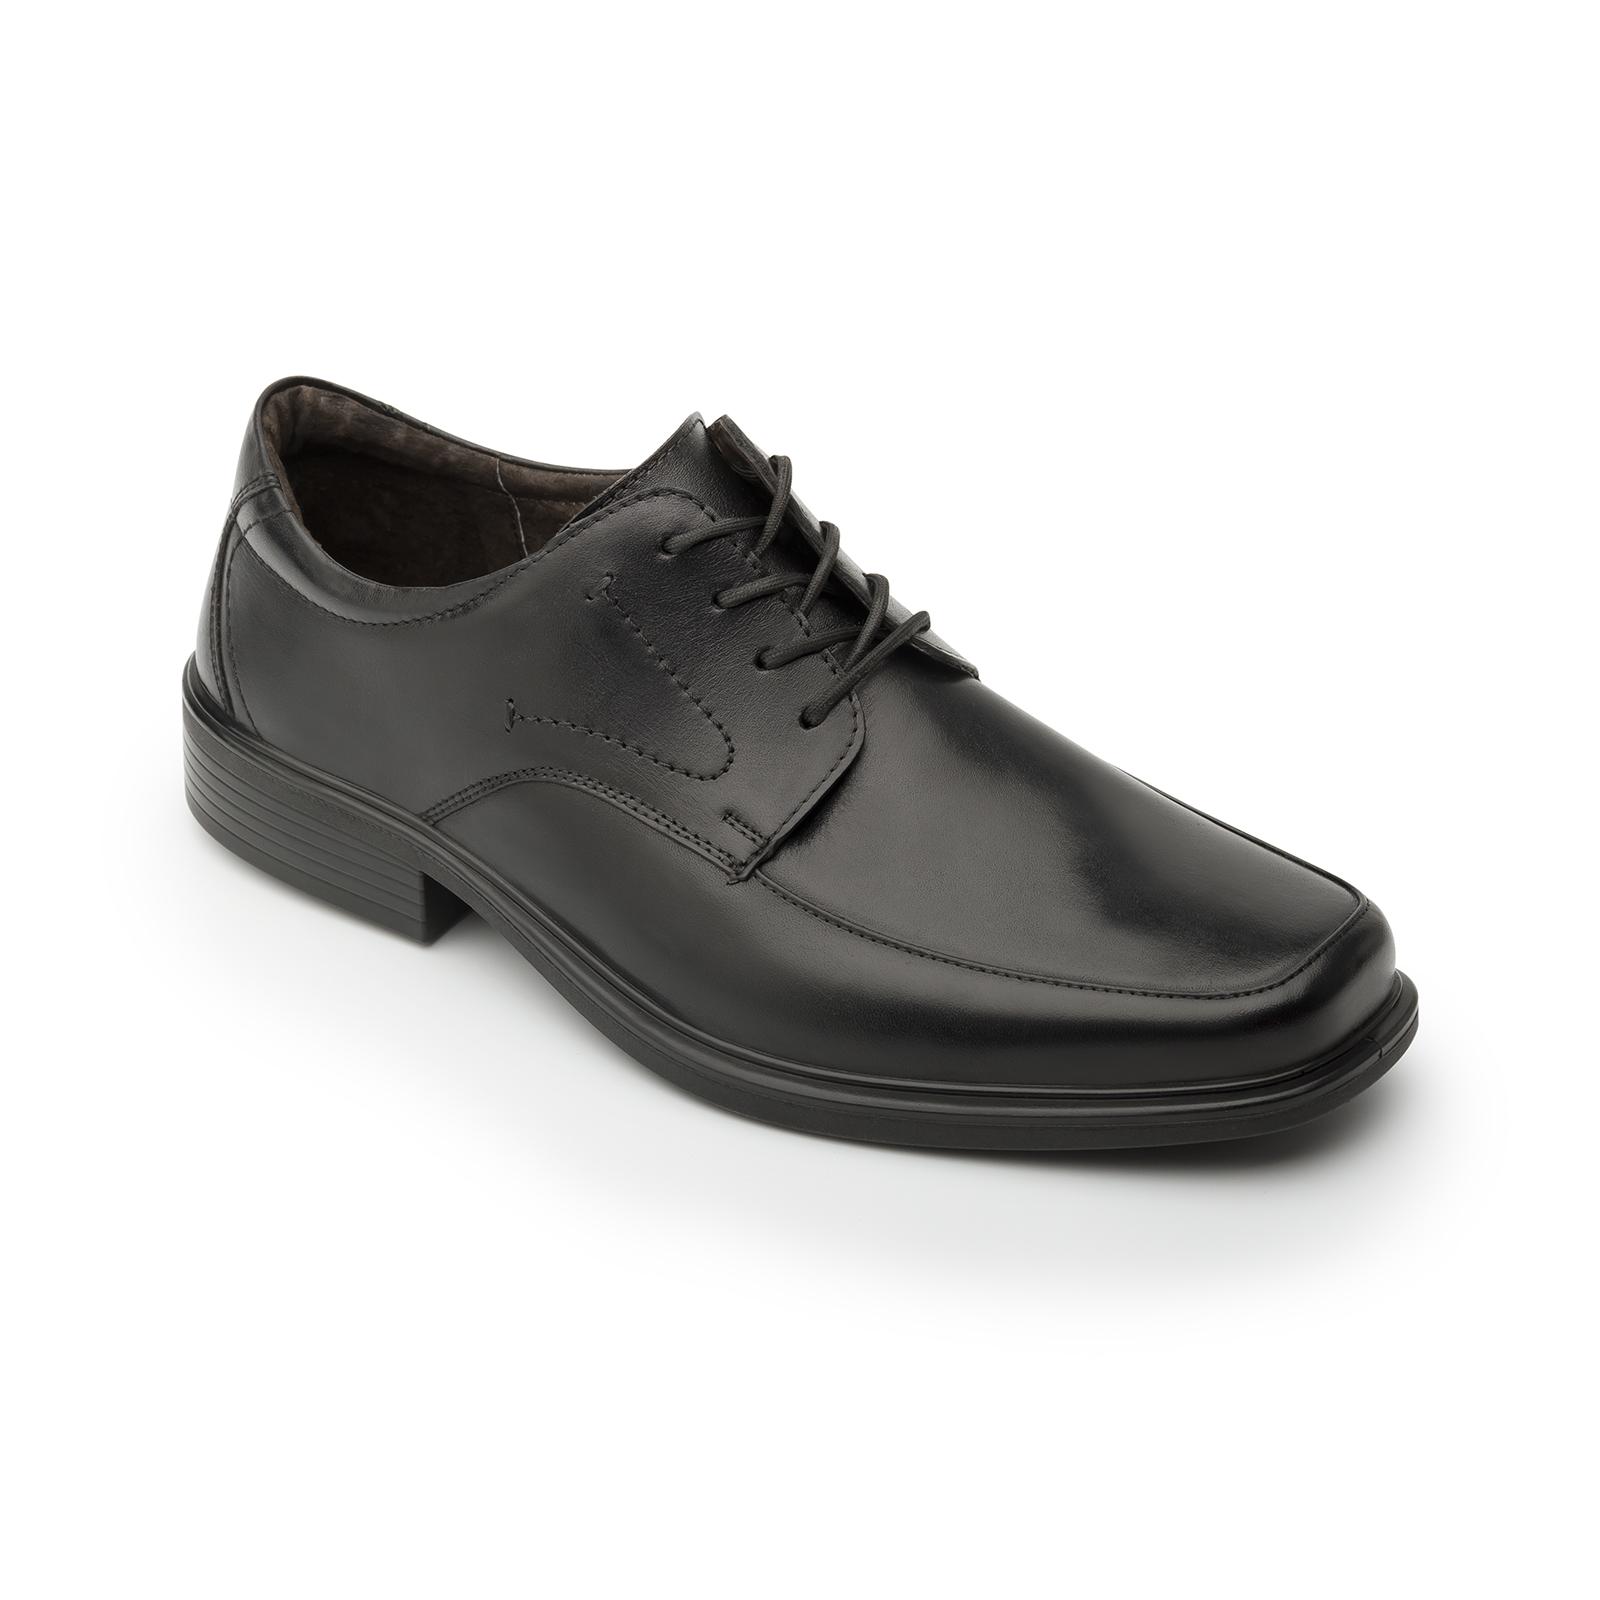 8fb14022 Zapatos de Vestir para Caballero - Zapaterías Flexi México